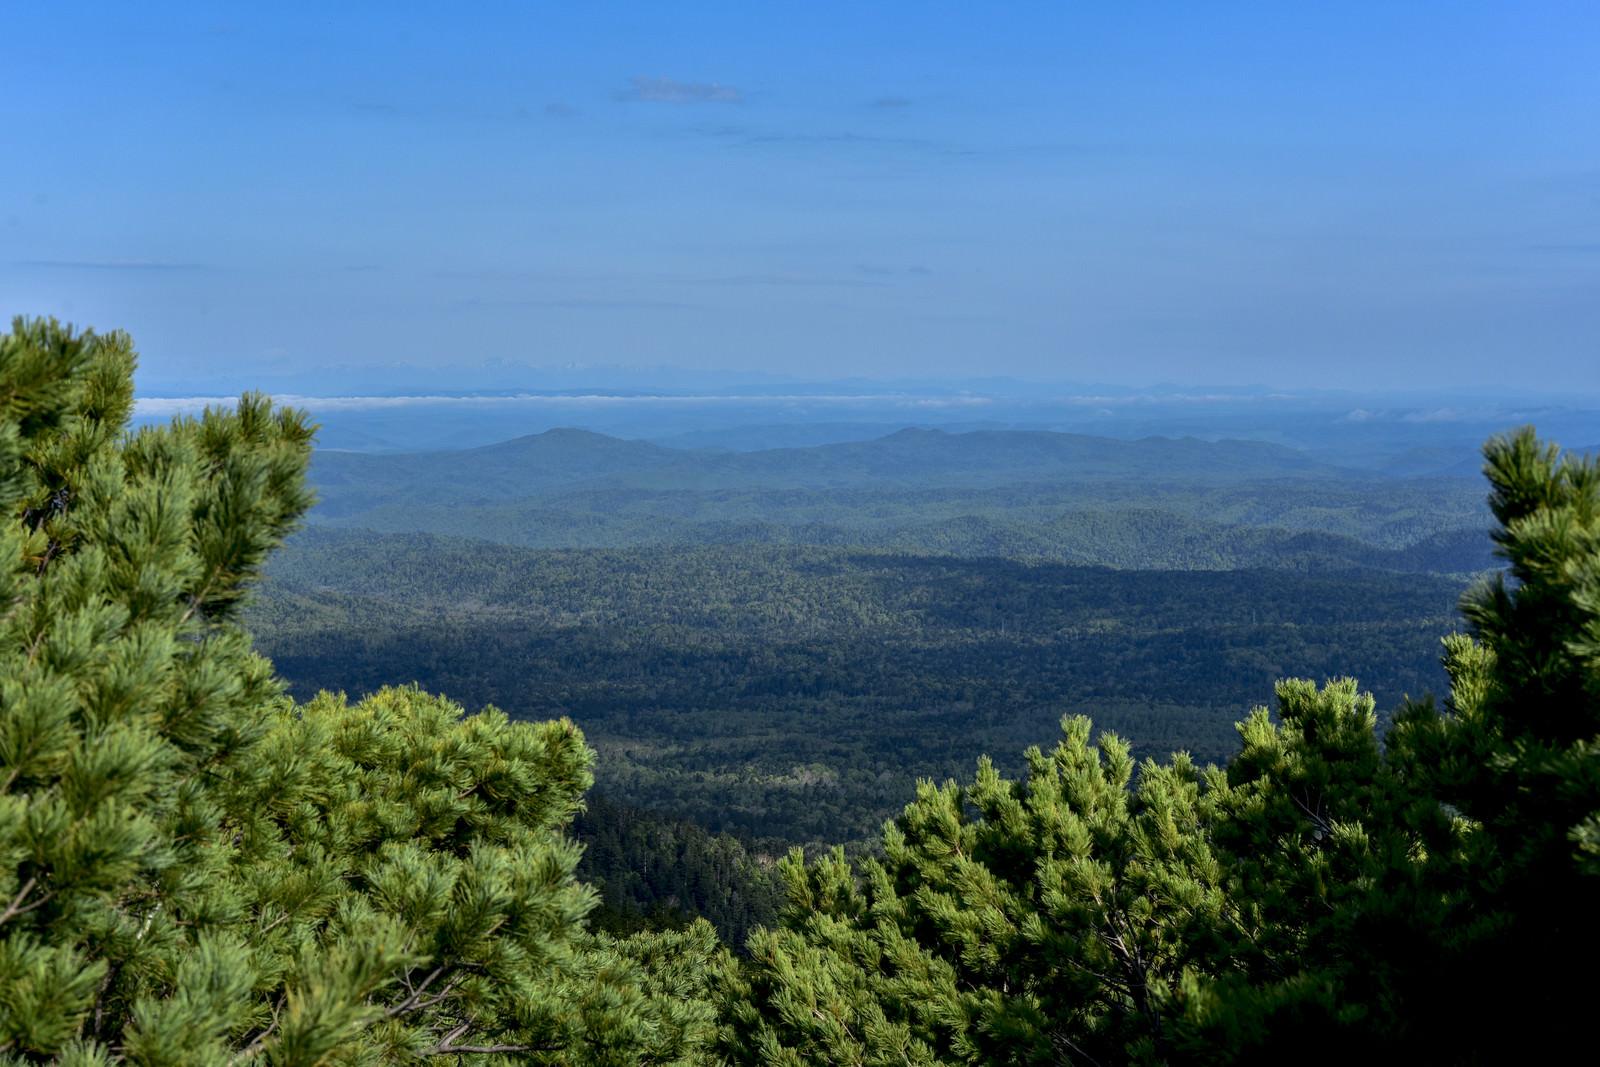 「ハイマツ林から見る道東日高方面の景色(雌阿寒岳)」の写真